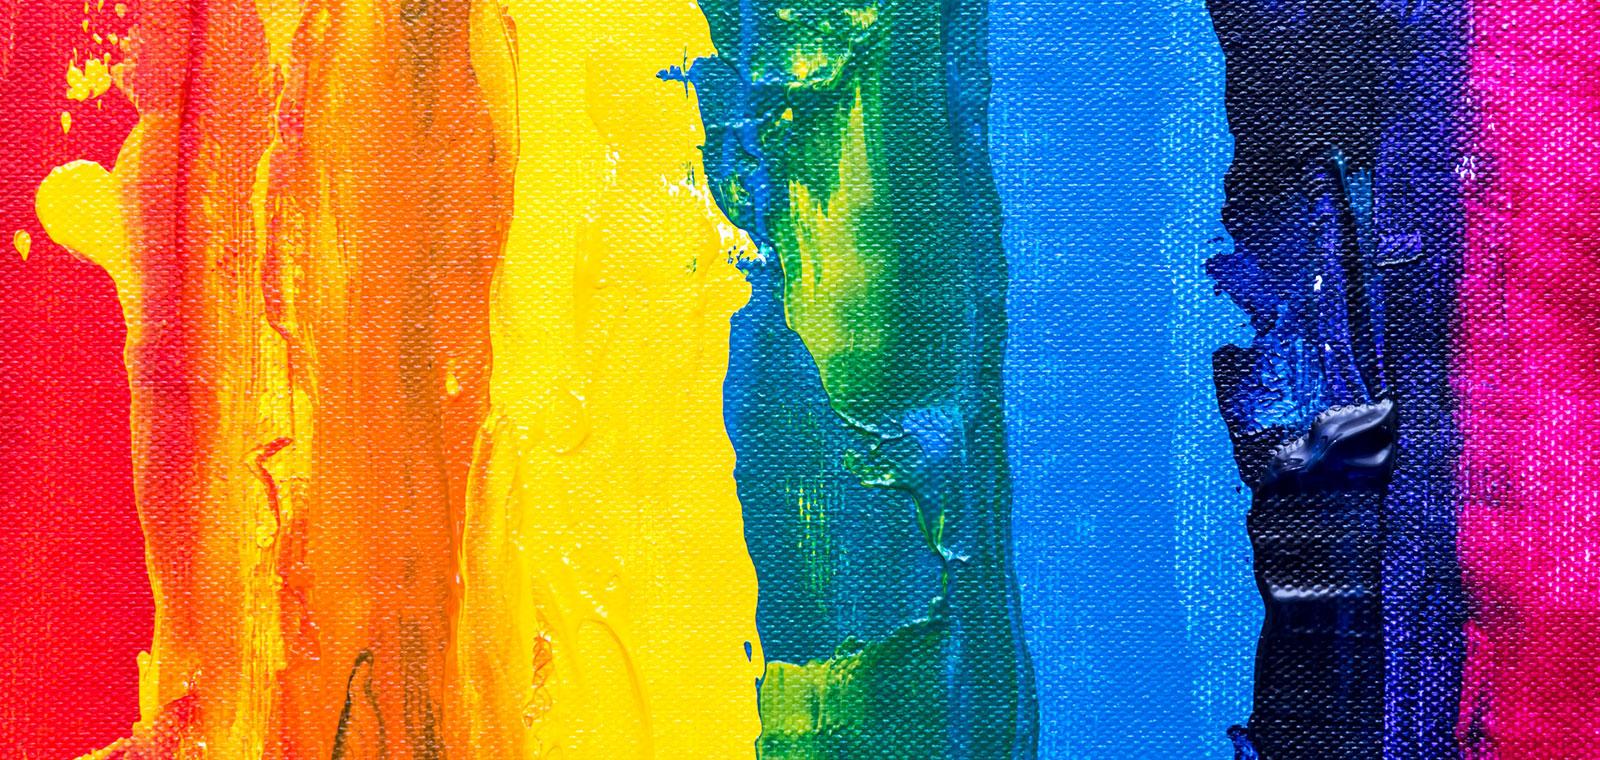 LGBTQ+ smeared paint